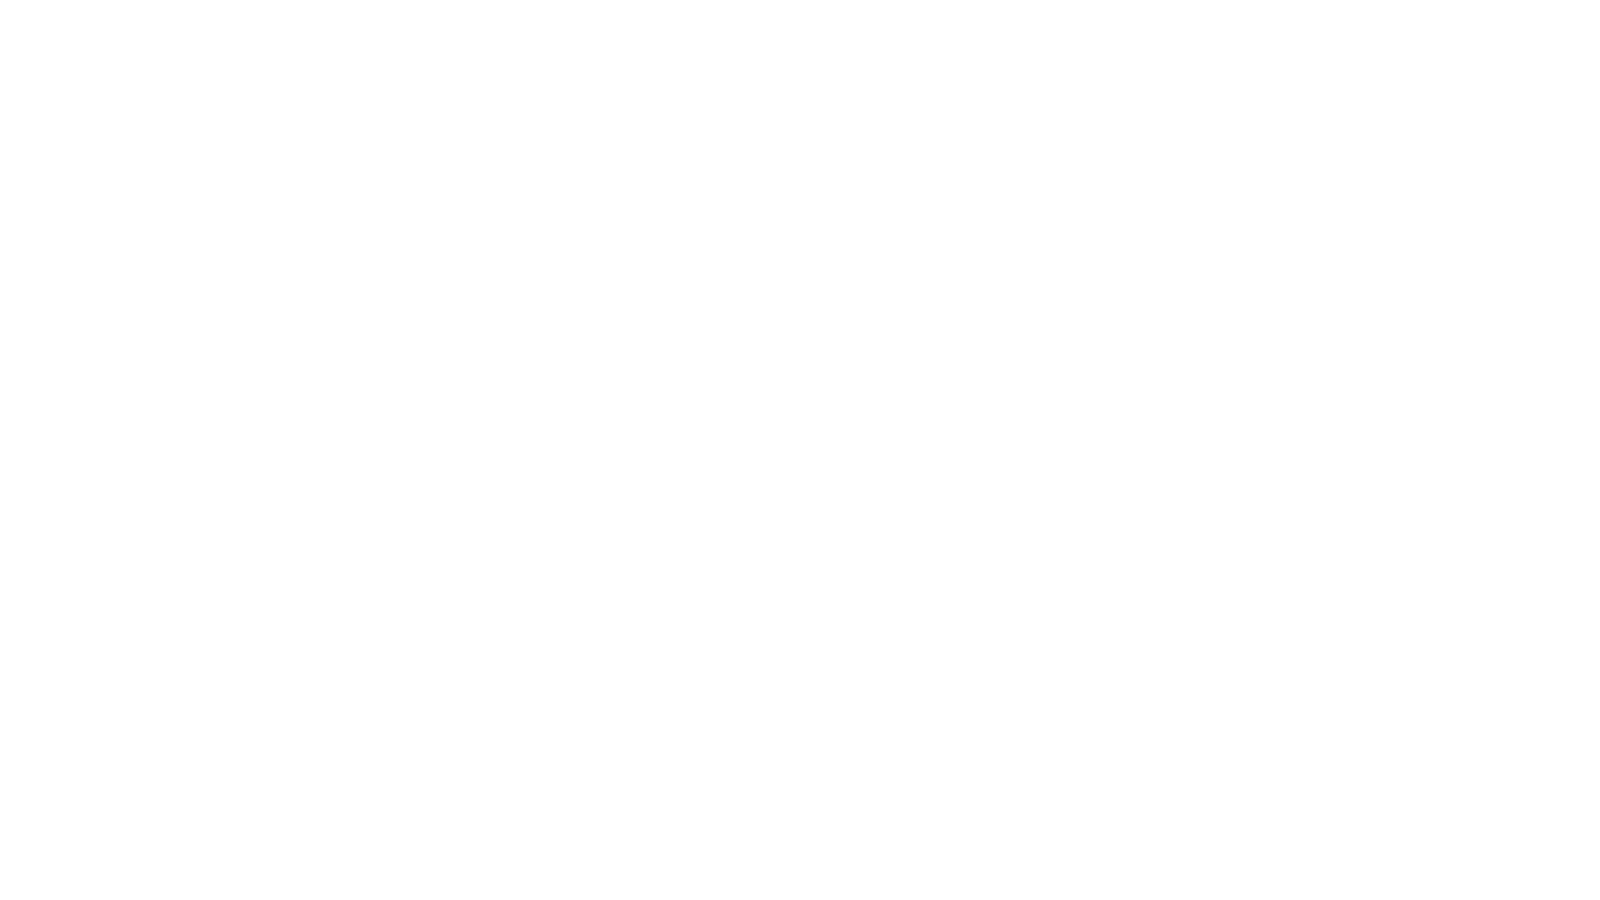 Con las imágenes y las voces de las mujeres de los pueblos Emberá Chamí, Dobida y Katío del Chocó, Akubadaura lanza campaña de prevención de violencia contra la mujer indígena. Los mensajes de la campaña fueron creados por las mujeres de estas comunidades.  Mensaje de campaña: En cuarentena o sin cuarentena Nada justifica Que maltrate a tus niños Que desprecie a tus hijos Que te prohiba darle amor a tus hijos No es normal lo que te sucede  Conoce más en: https://akubadaura.org/nadajustifica-la-violencia-contra-la-mujer-indigena/